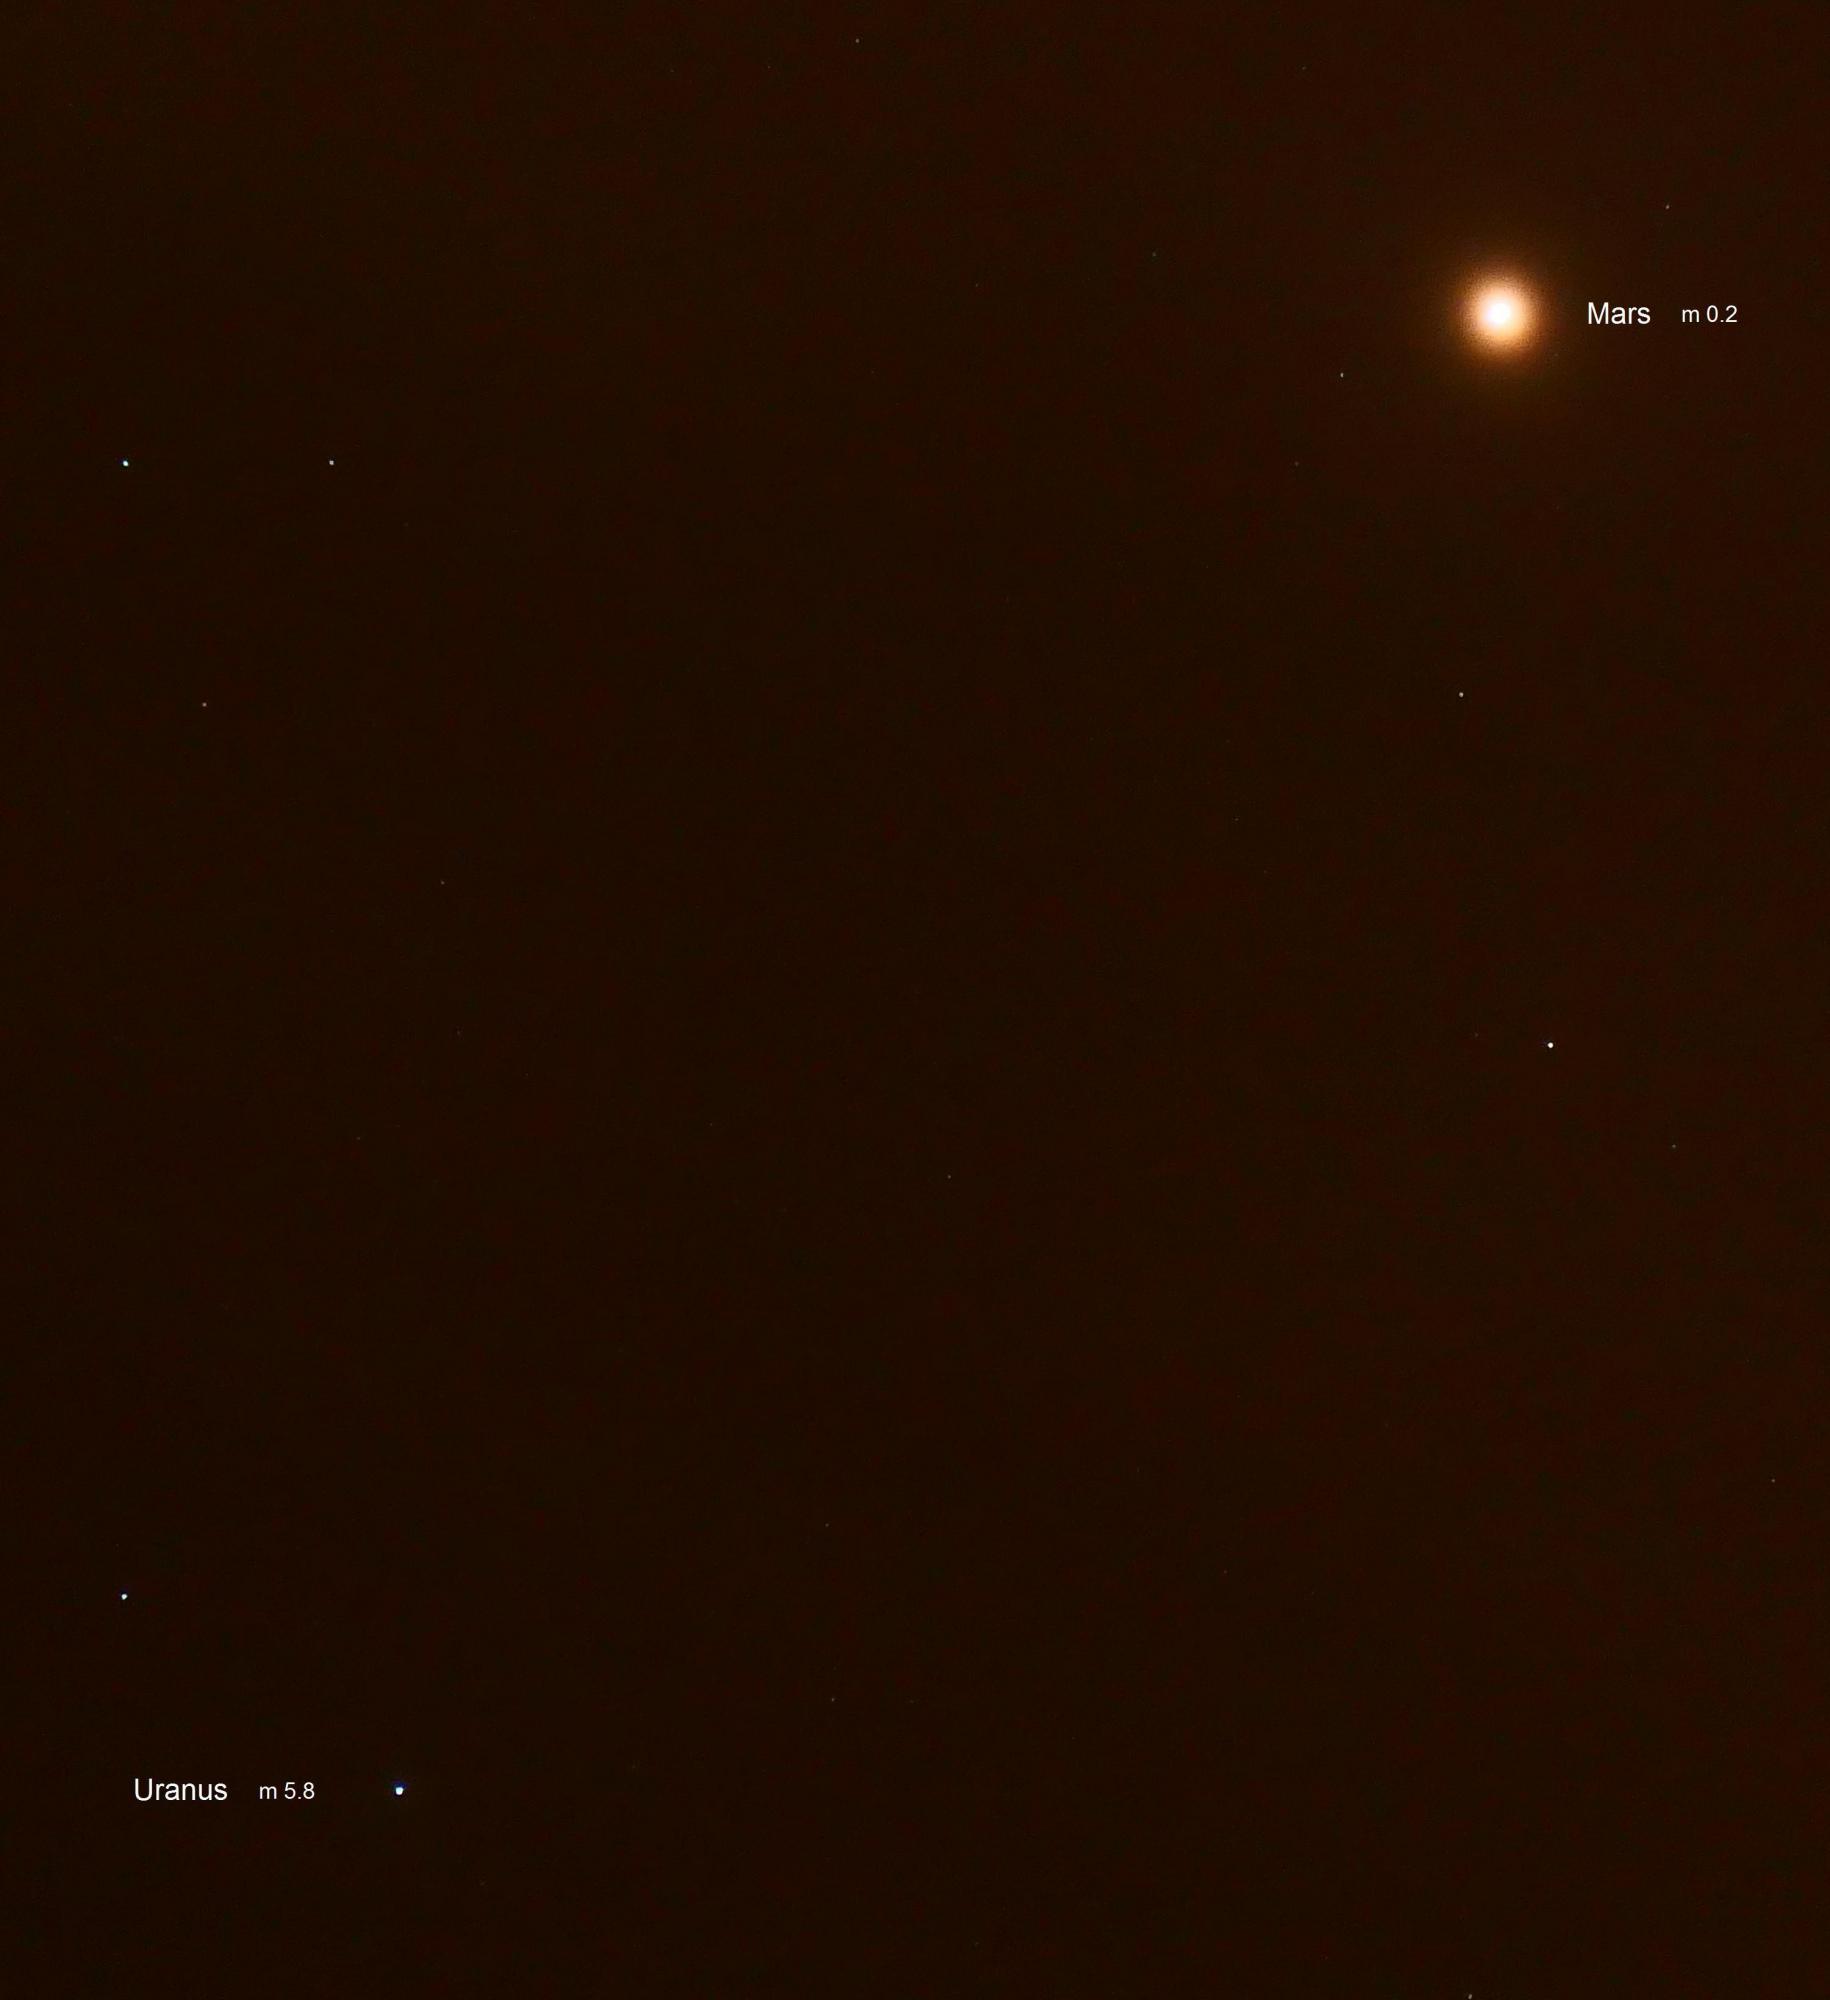 600887f043bd7_P1100615_Mars-Uranus_8.72-3.59_Blier_ASF2.thumb.JPG.4a34e9a1c32041b5a5d2187edb3245f7.JPG